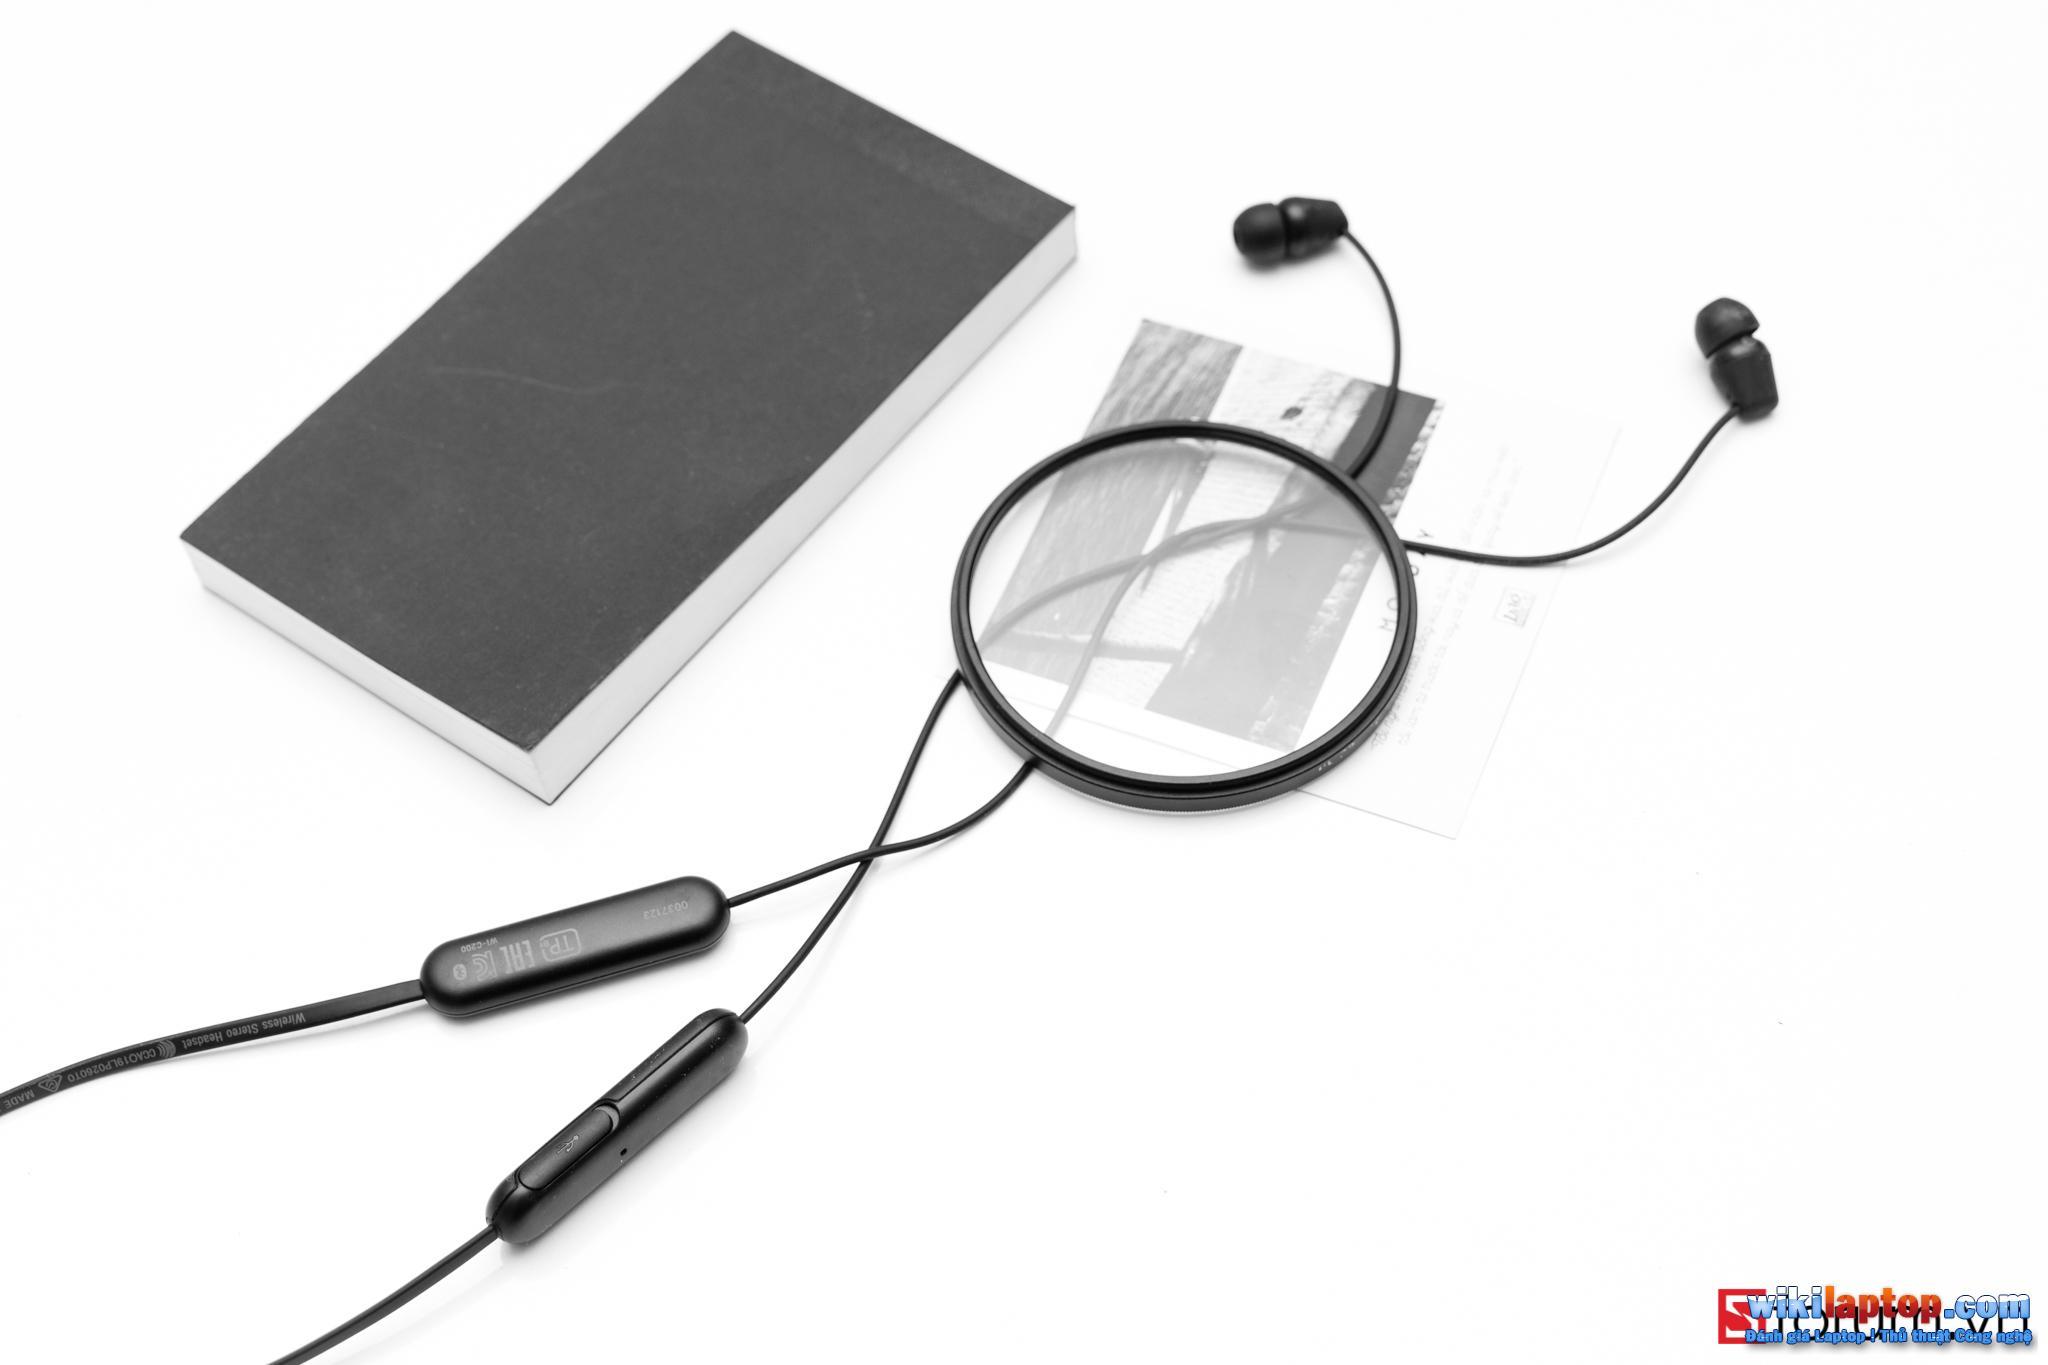 Sforum - Trang thông tin công nghệ mới nhất CPS-Sony-C200-7 Trải nghiệm SONY WI-C200: Tai nghe Bluetooth 5.0, hỗ trợ sạc nhanh, pin 12 giờ và chỉ 990.000 đồng